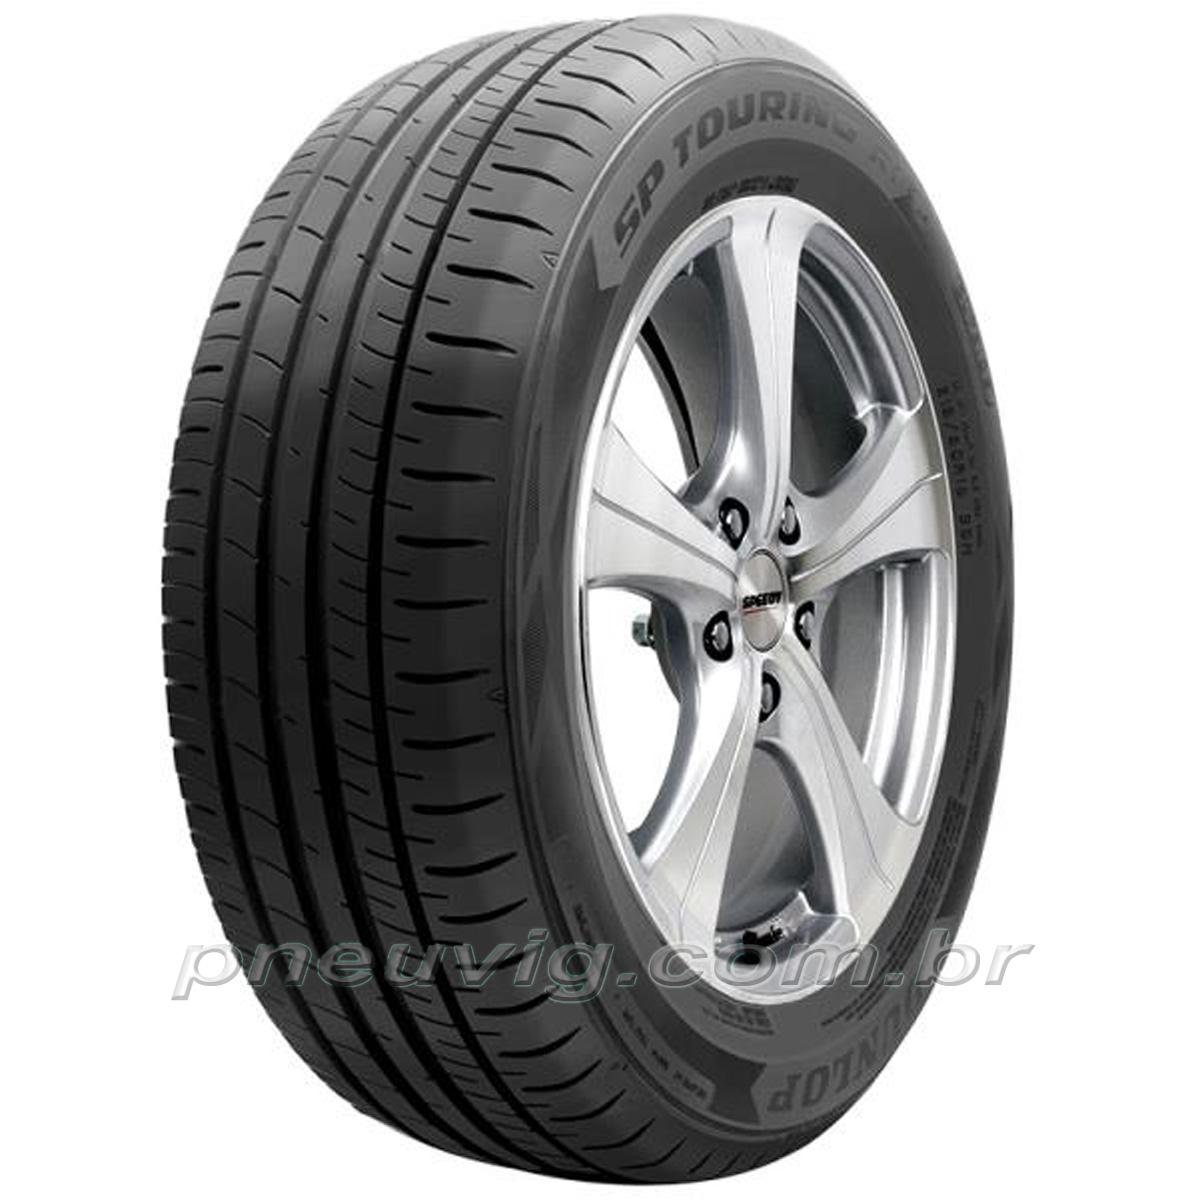 Pneu Dunlop 175/65R15 84T Sp Touring R1